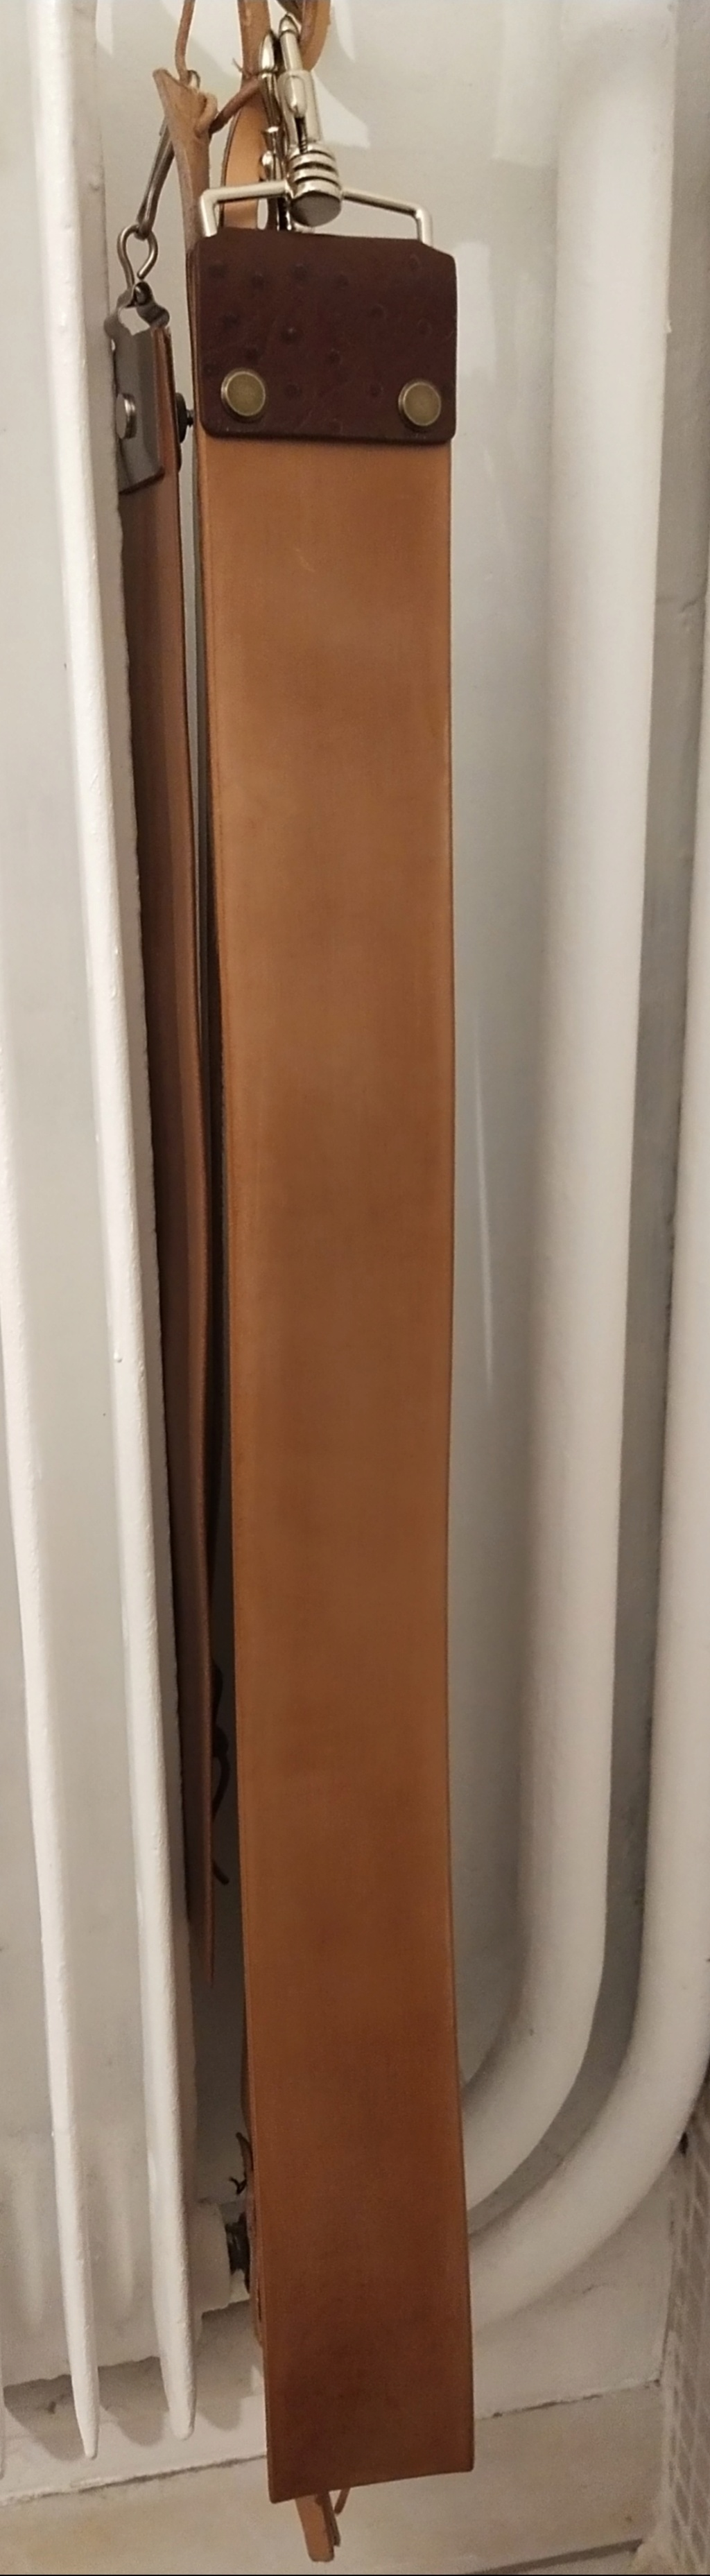 strop en cuir de cheval végétal - Page 3 Img_2213